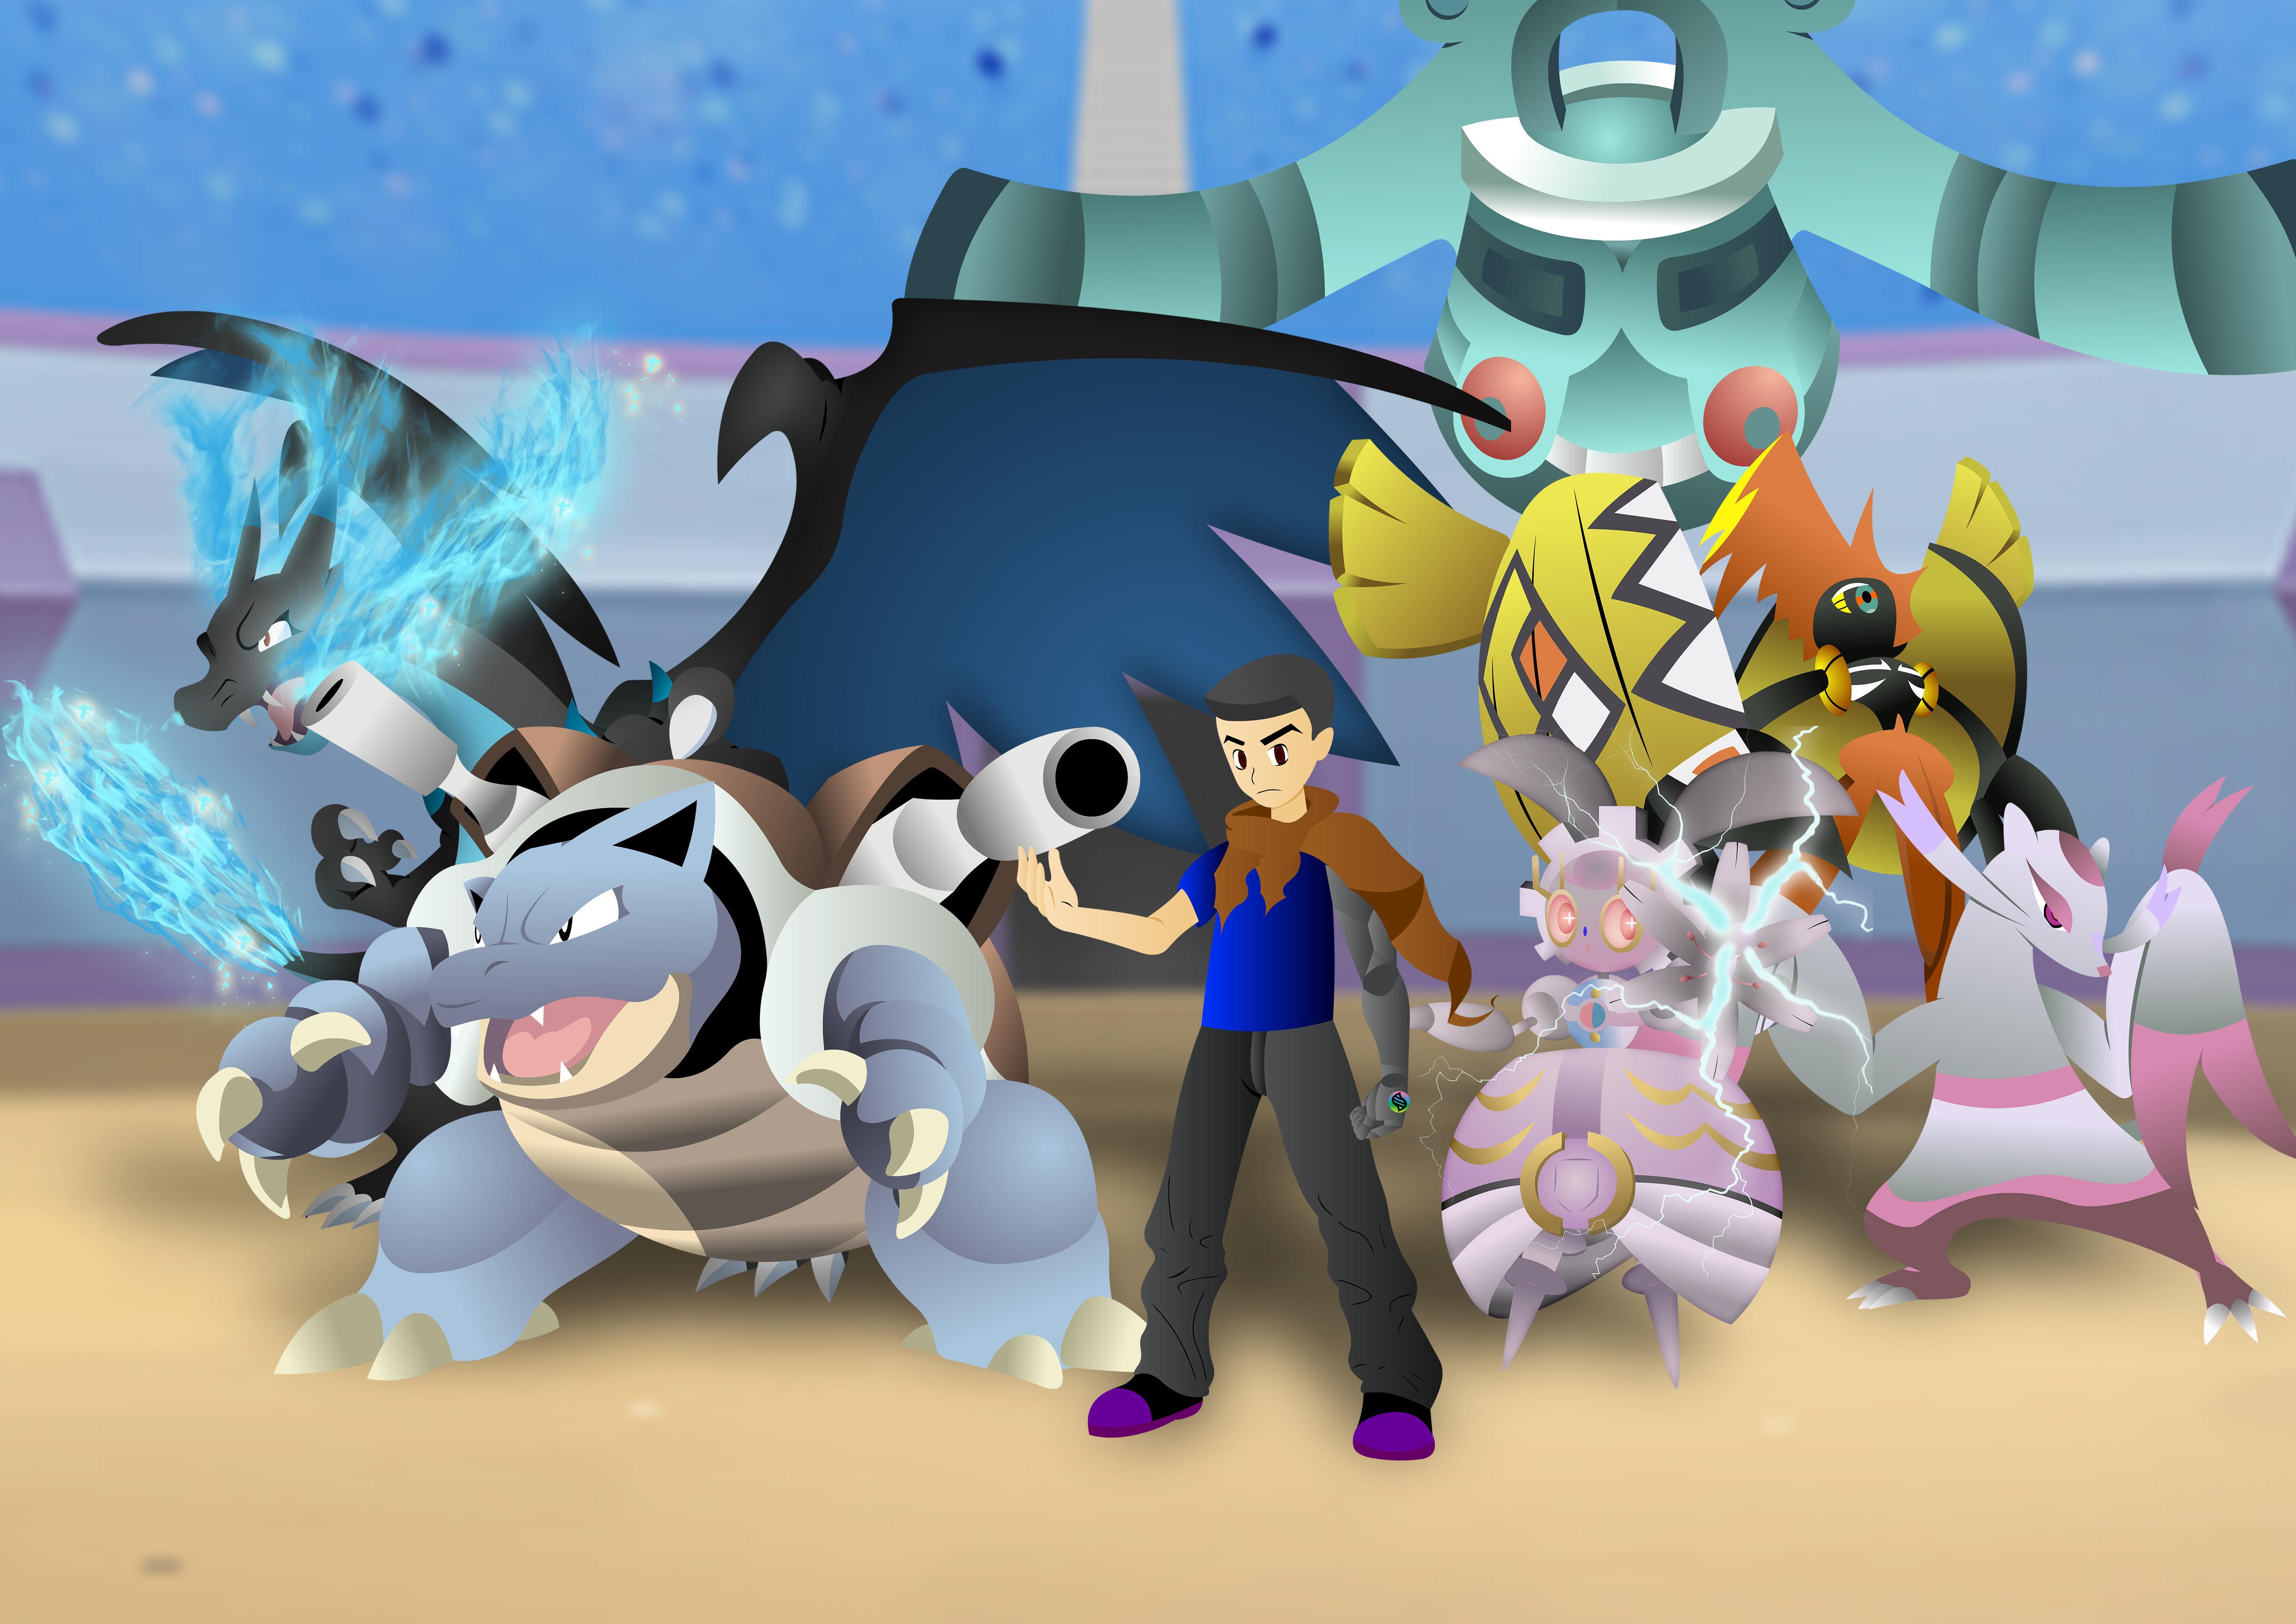 My Mega Charizard X Team